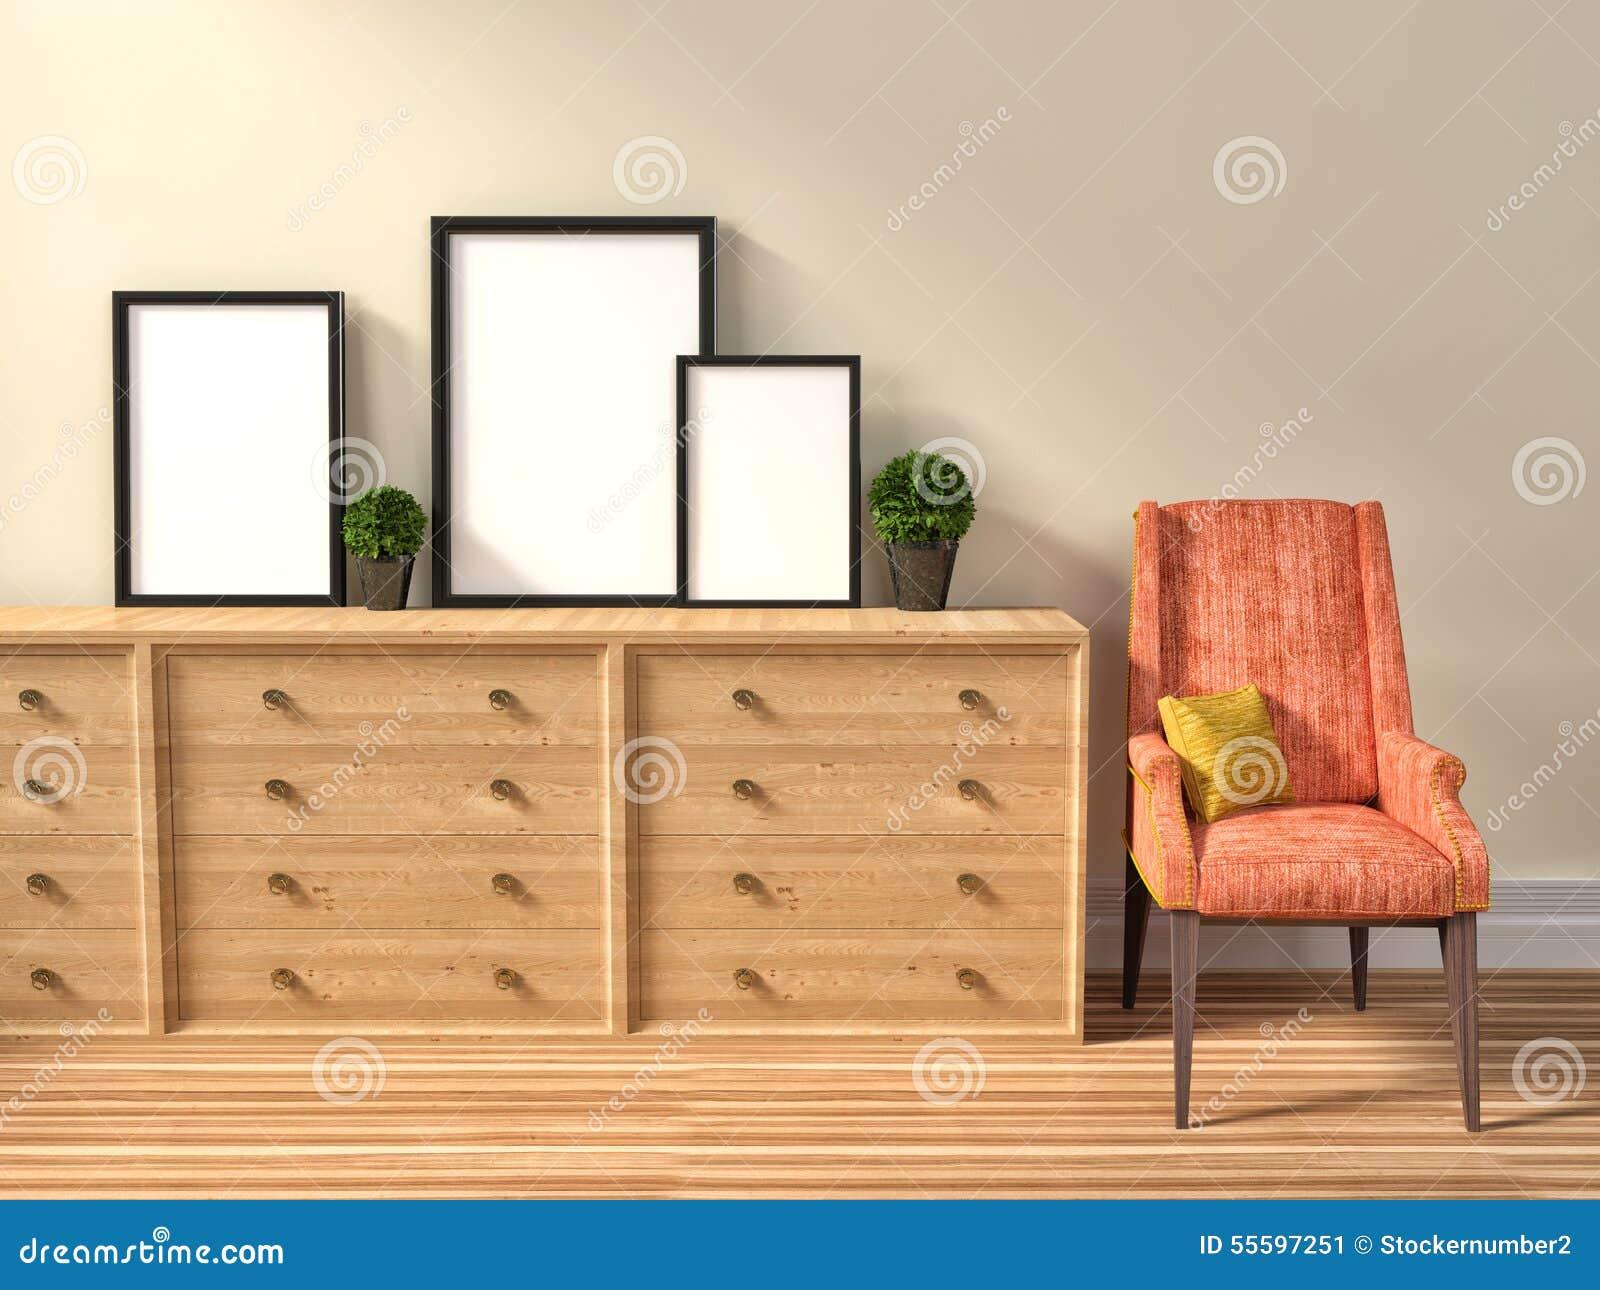 Модель-макет пробела 3 кадр плакат и стул иллюстрация 3d